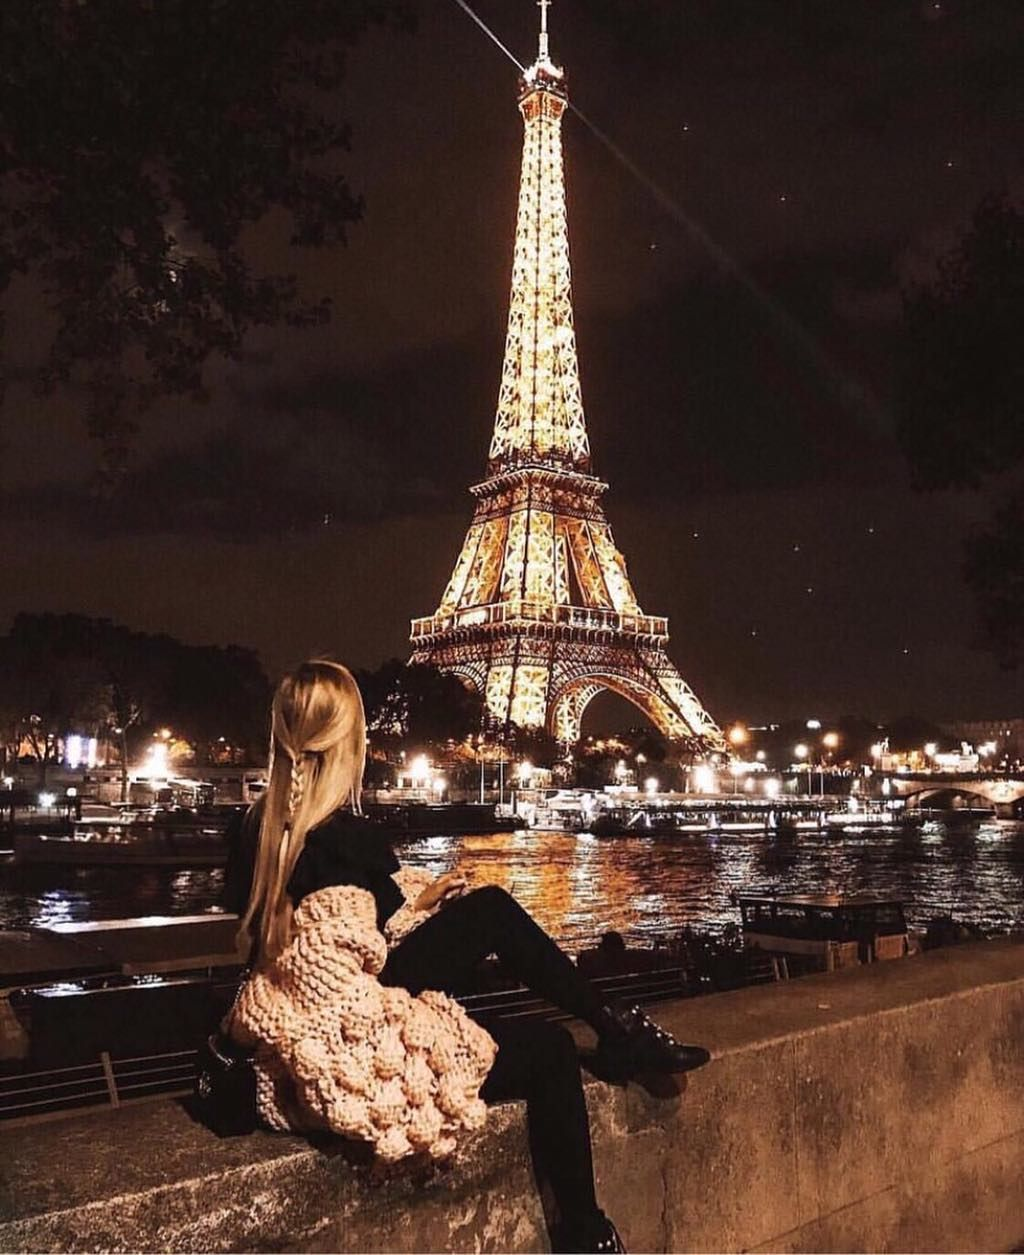 фото на аву эйфелева башня отделкой без